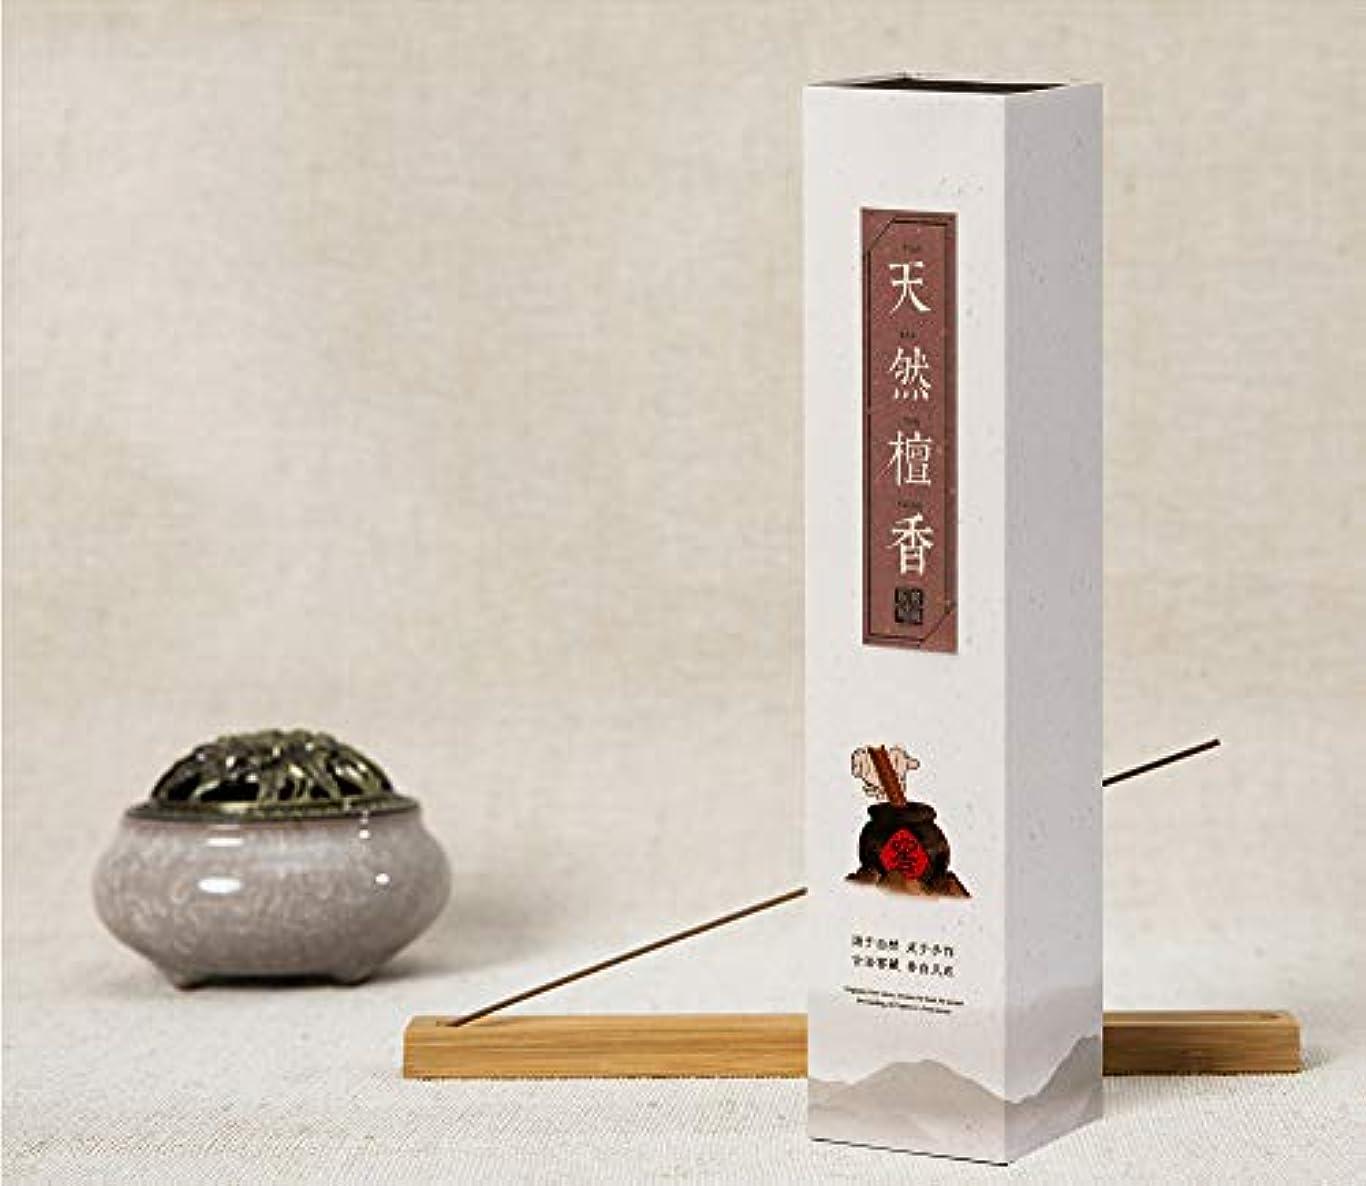 枯渇する早める養うHwaGui - お線香 天然檀香 インセンス 香るスティック 養心安神 お香ギフト 21cm 0.75時間